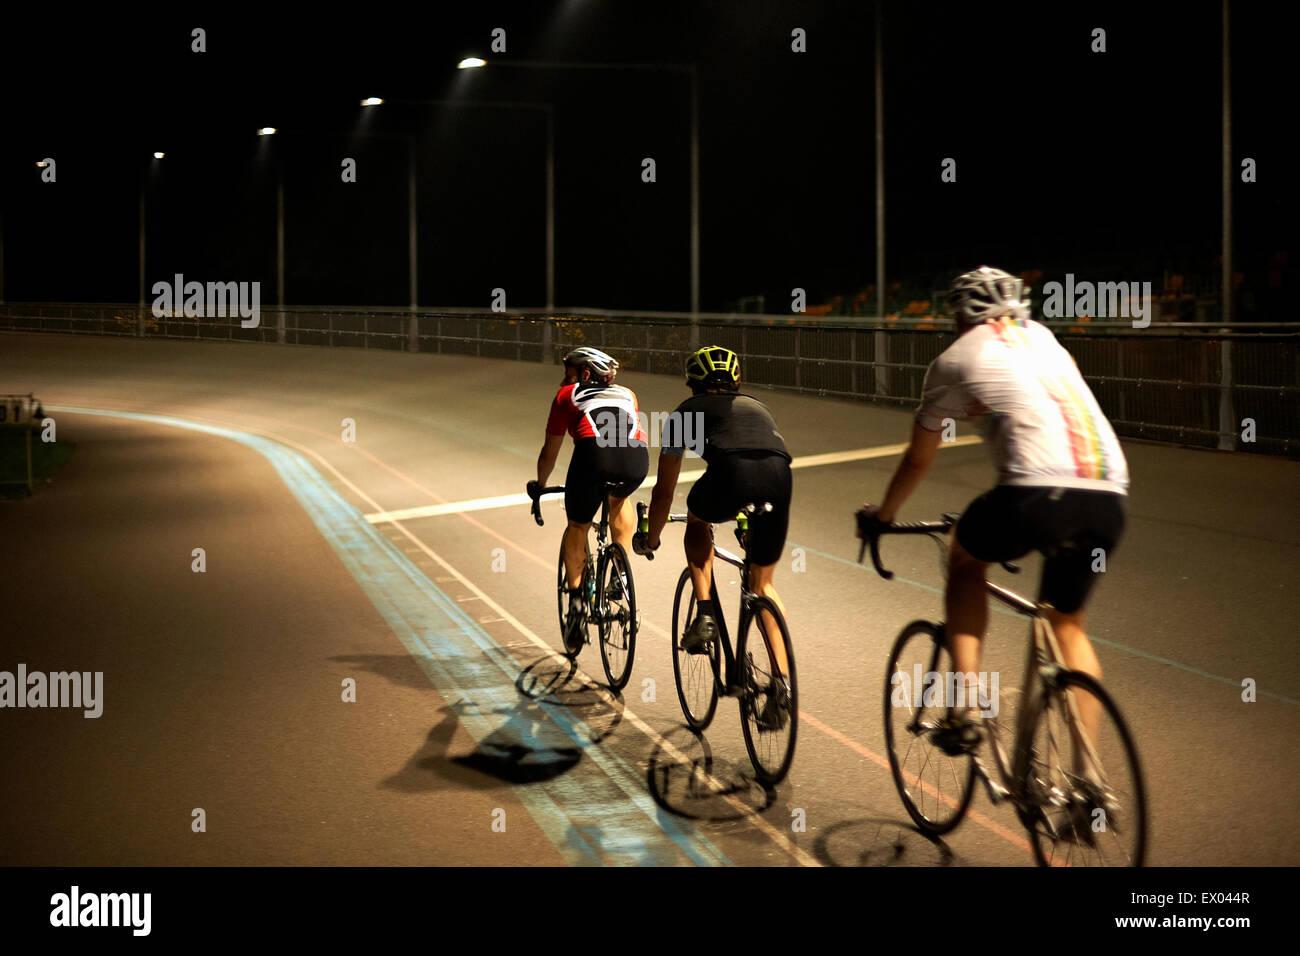 Los ciclistas ciclismo en pista en el velódromo, vista trasera Imagen De Stock